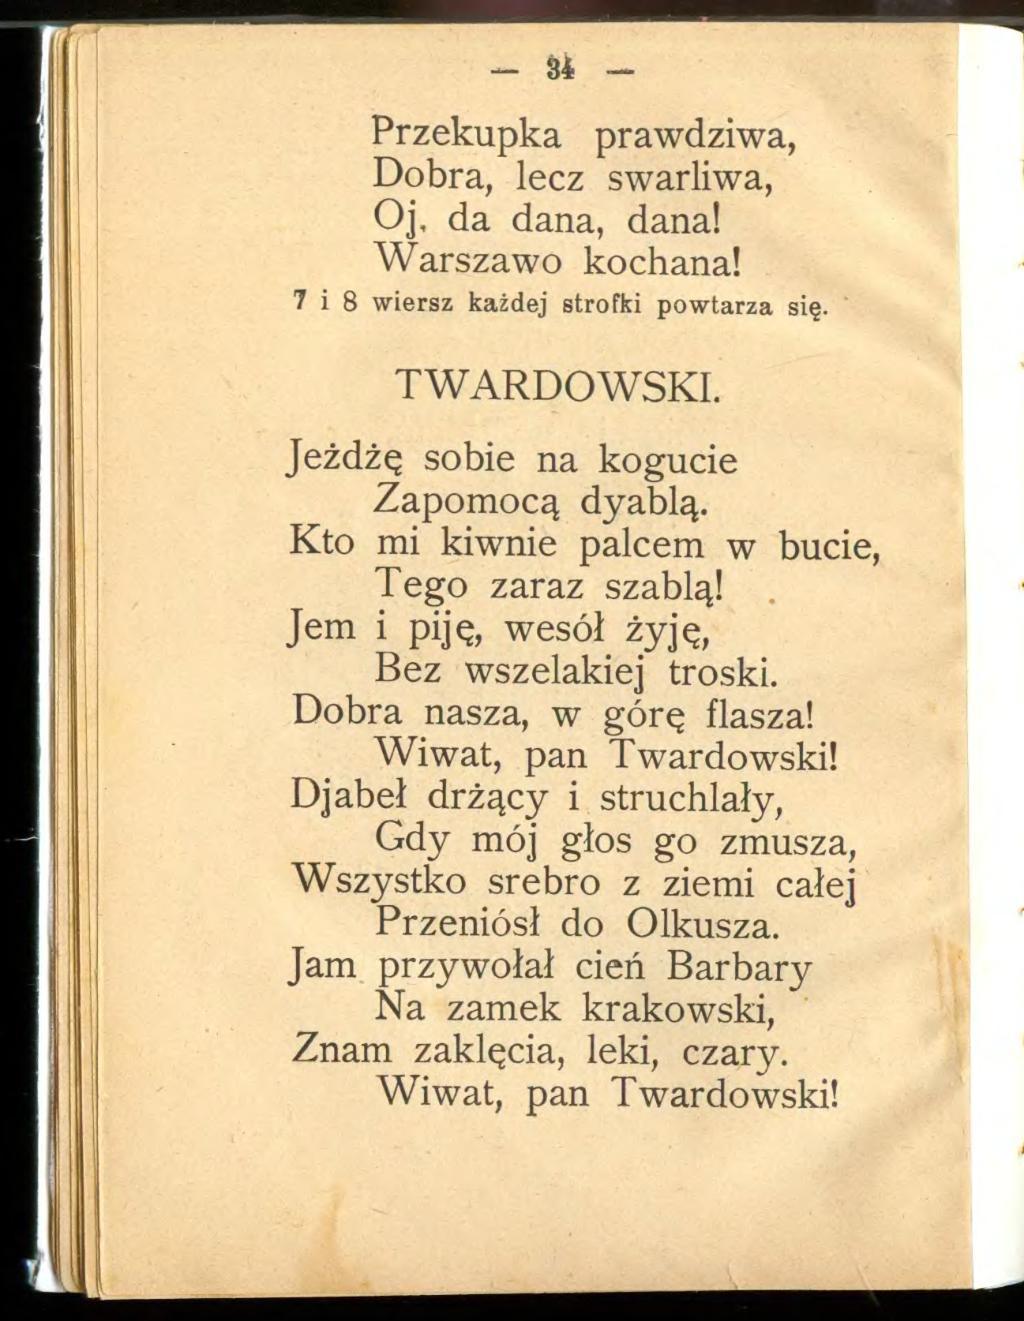 Stronapl Szopka Wiersz Or Otadjvu40 Wikiźródła Wolna